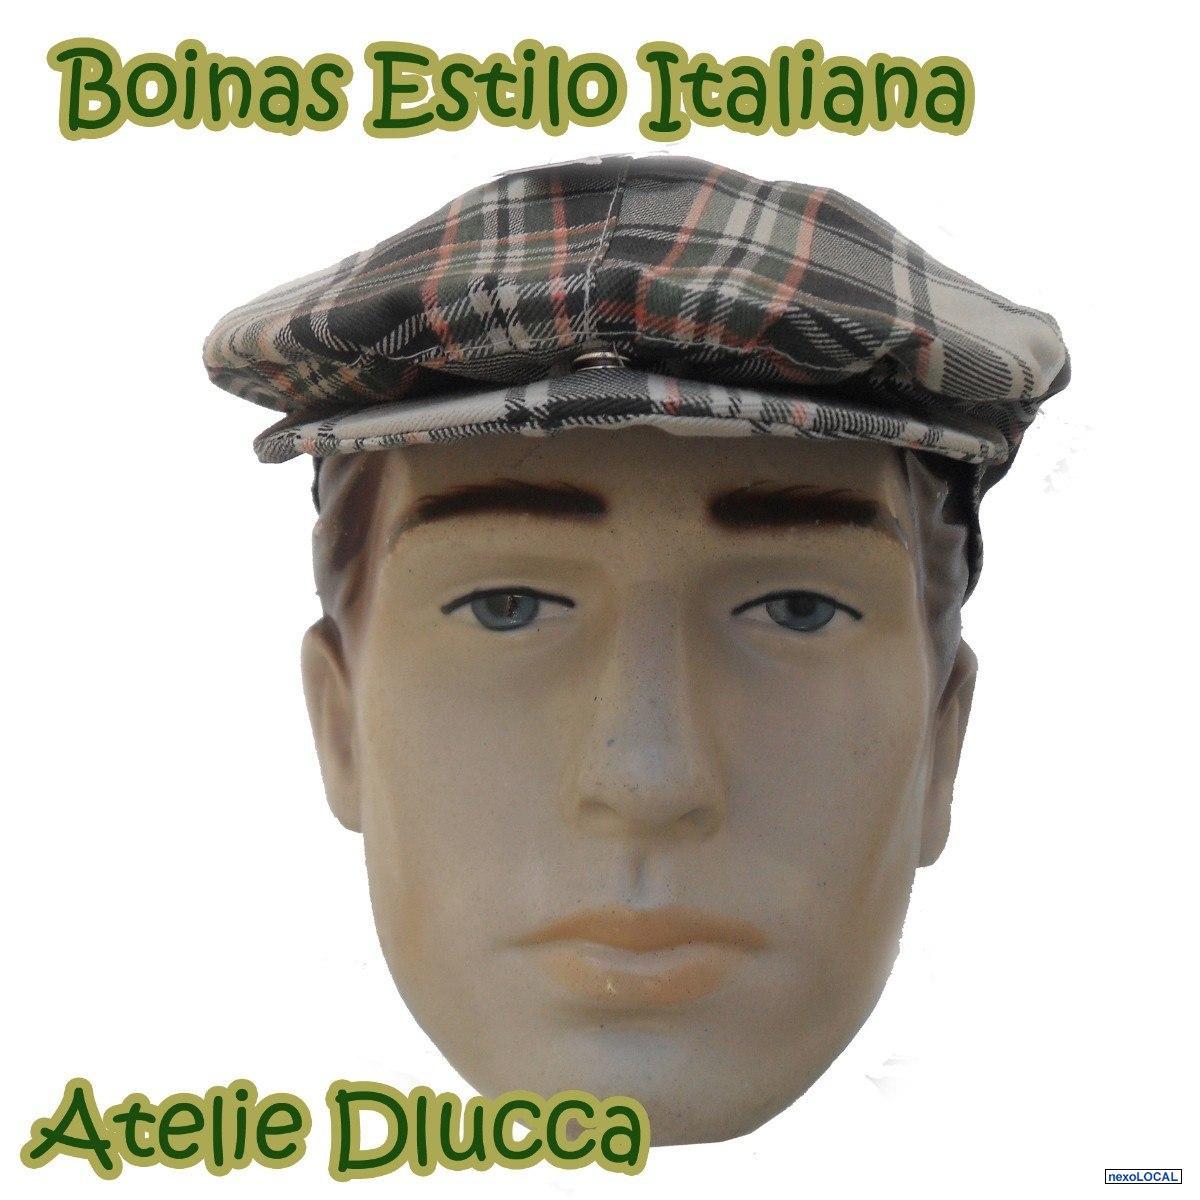 Boné Boina Italiana - Recife - Pernambuco - Roupa - 280e6fc21c0